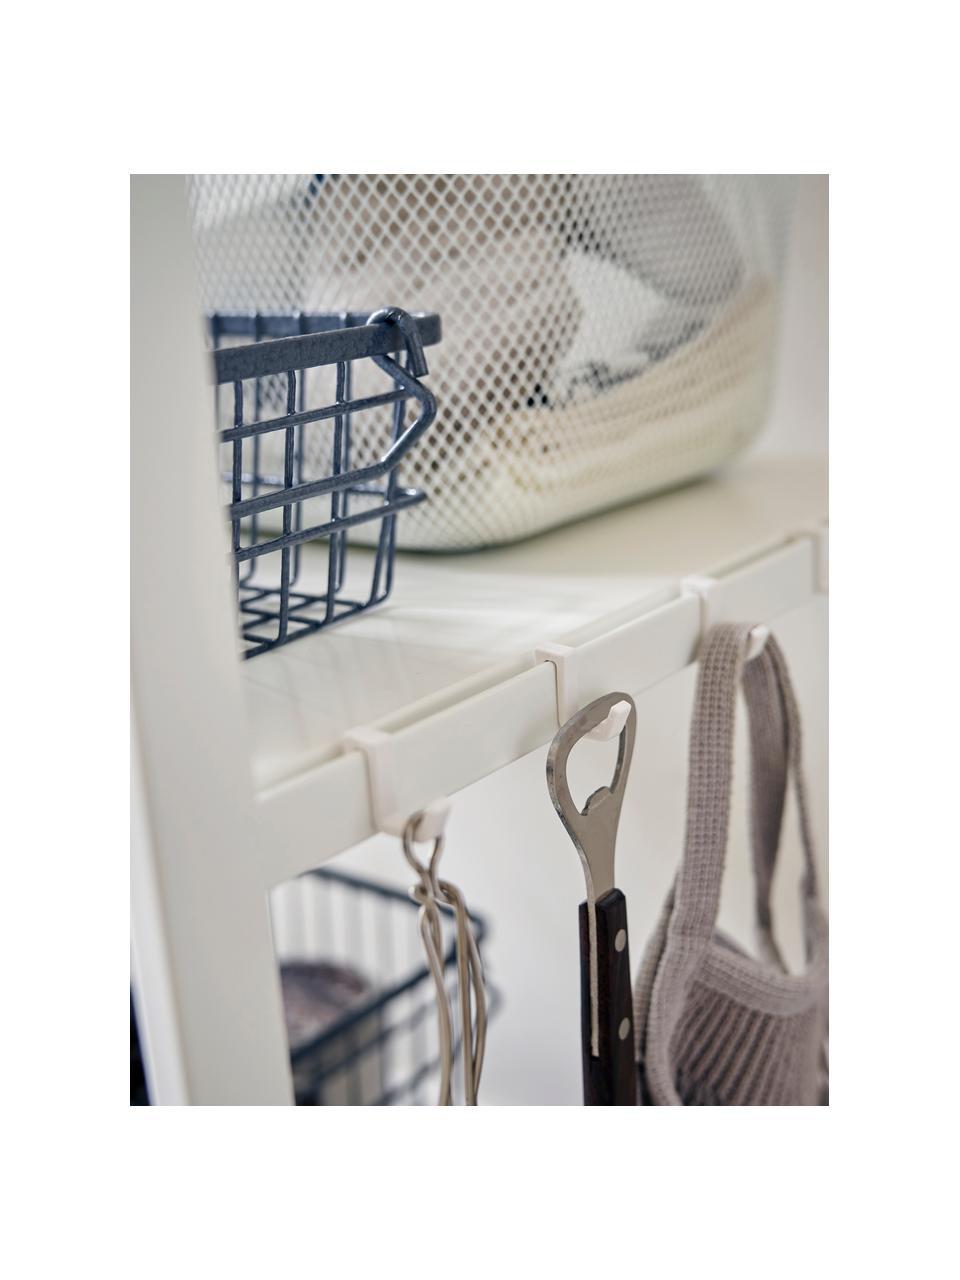 Metall-Standregal Killy in Weiß mit Handtuchhalterung, Griff: Holz, Weiß, 60 x 90 cm